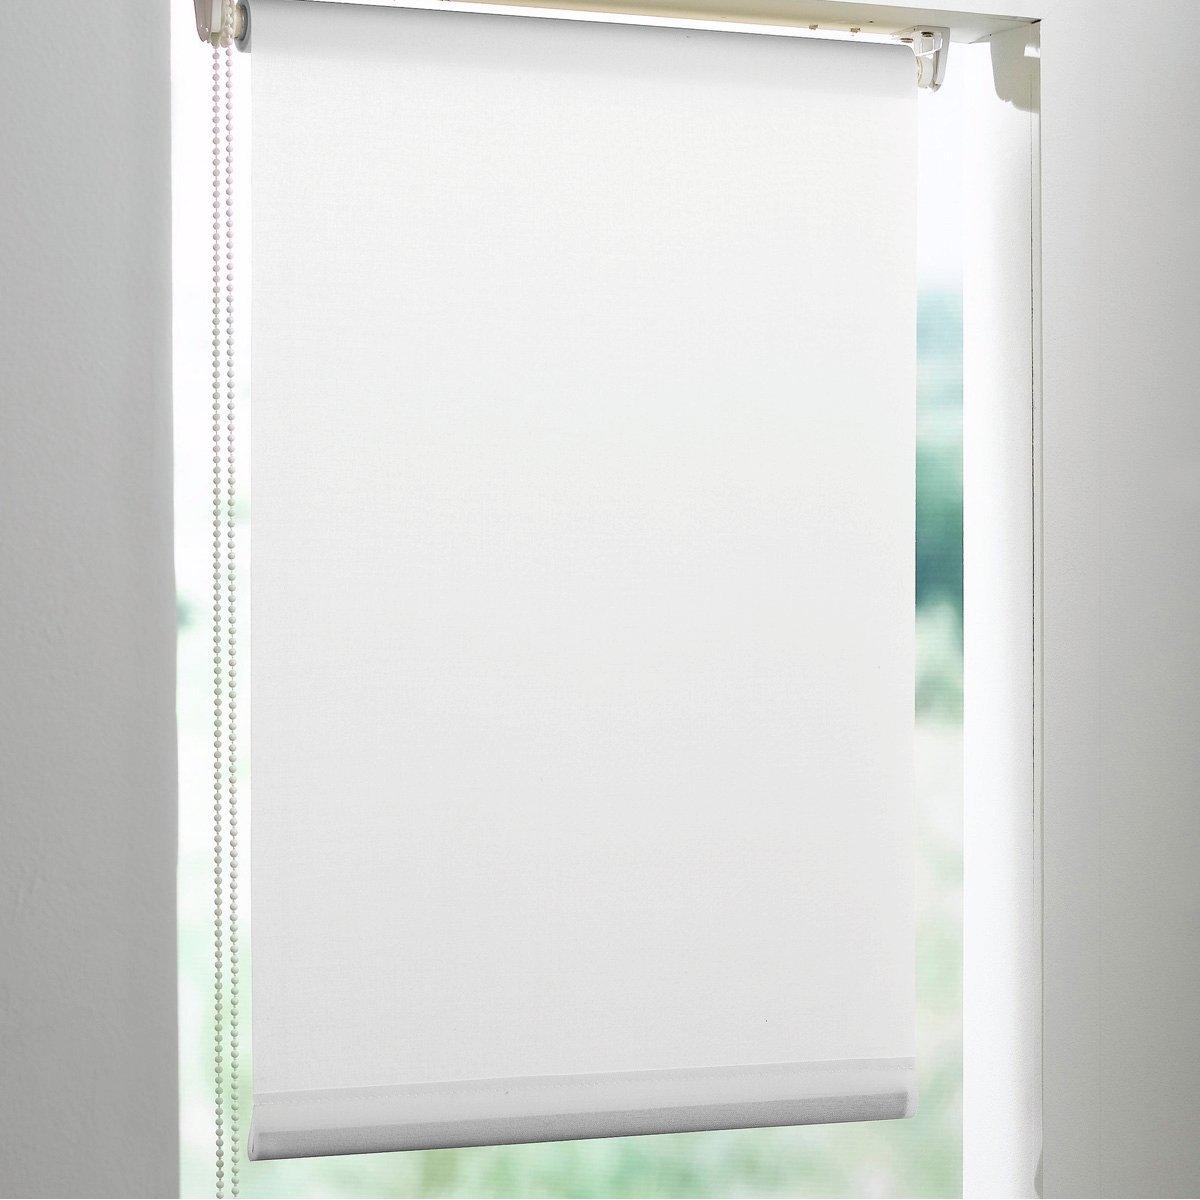 Штора рулонная, пропускающая свет, узкаяПропускающую свет рулонную штору EASY легко установить на окна любого типа шириной 32-42 см. Губчатая ткань, 100% полиэстер, тяжелая рейка снизу. Длина регулируется механизмом с цепочкой. Можно отрезать по ширине.     Очень современные цвета, простота установки ! Можно закрепить классическим способом, просверлив отверстия, или установить, используя новую систему фиксации :     - клипсы для окон из ПВХ (в комплекте)     - специальный набор крепления EASY для окон из дерева и алюминия (продается отдельно).     VALEUR S?RE - качественные изделия с красивой отделкой.<br><br>Цвет: белый<br>Размер: 170 x 42 см